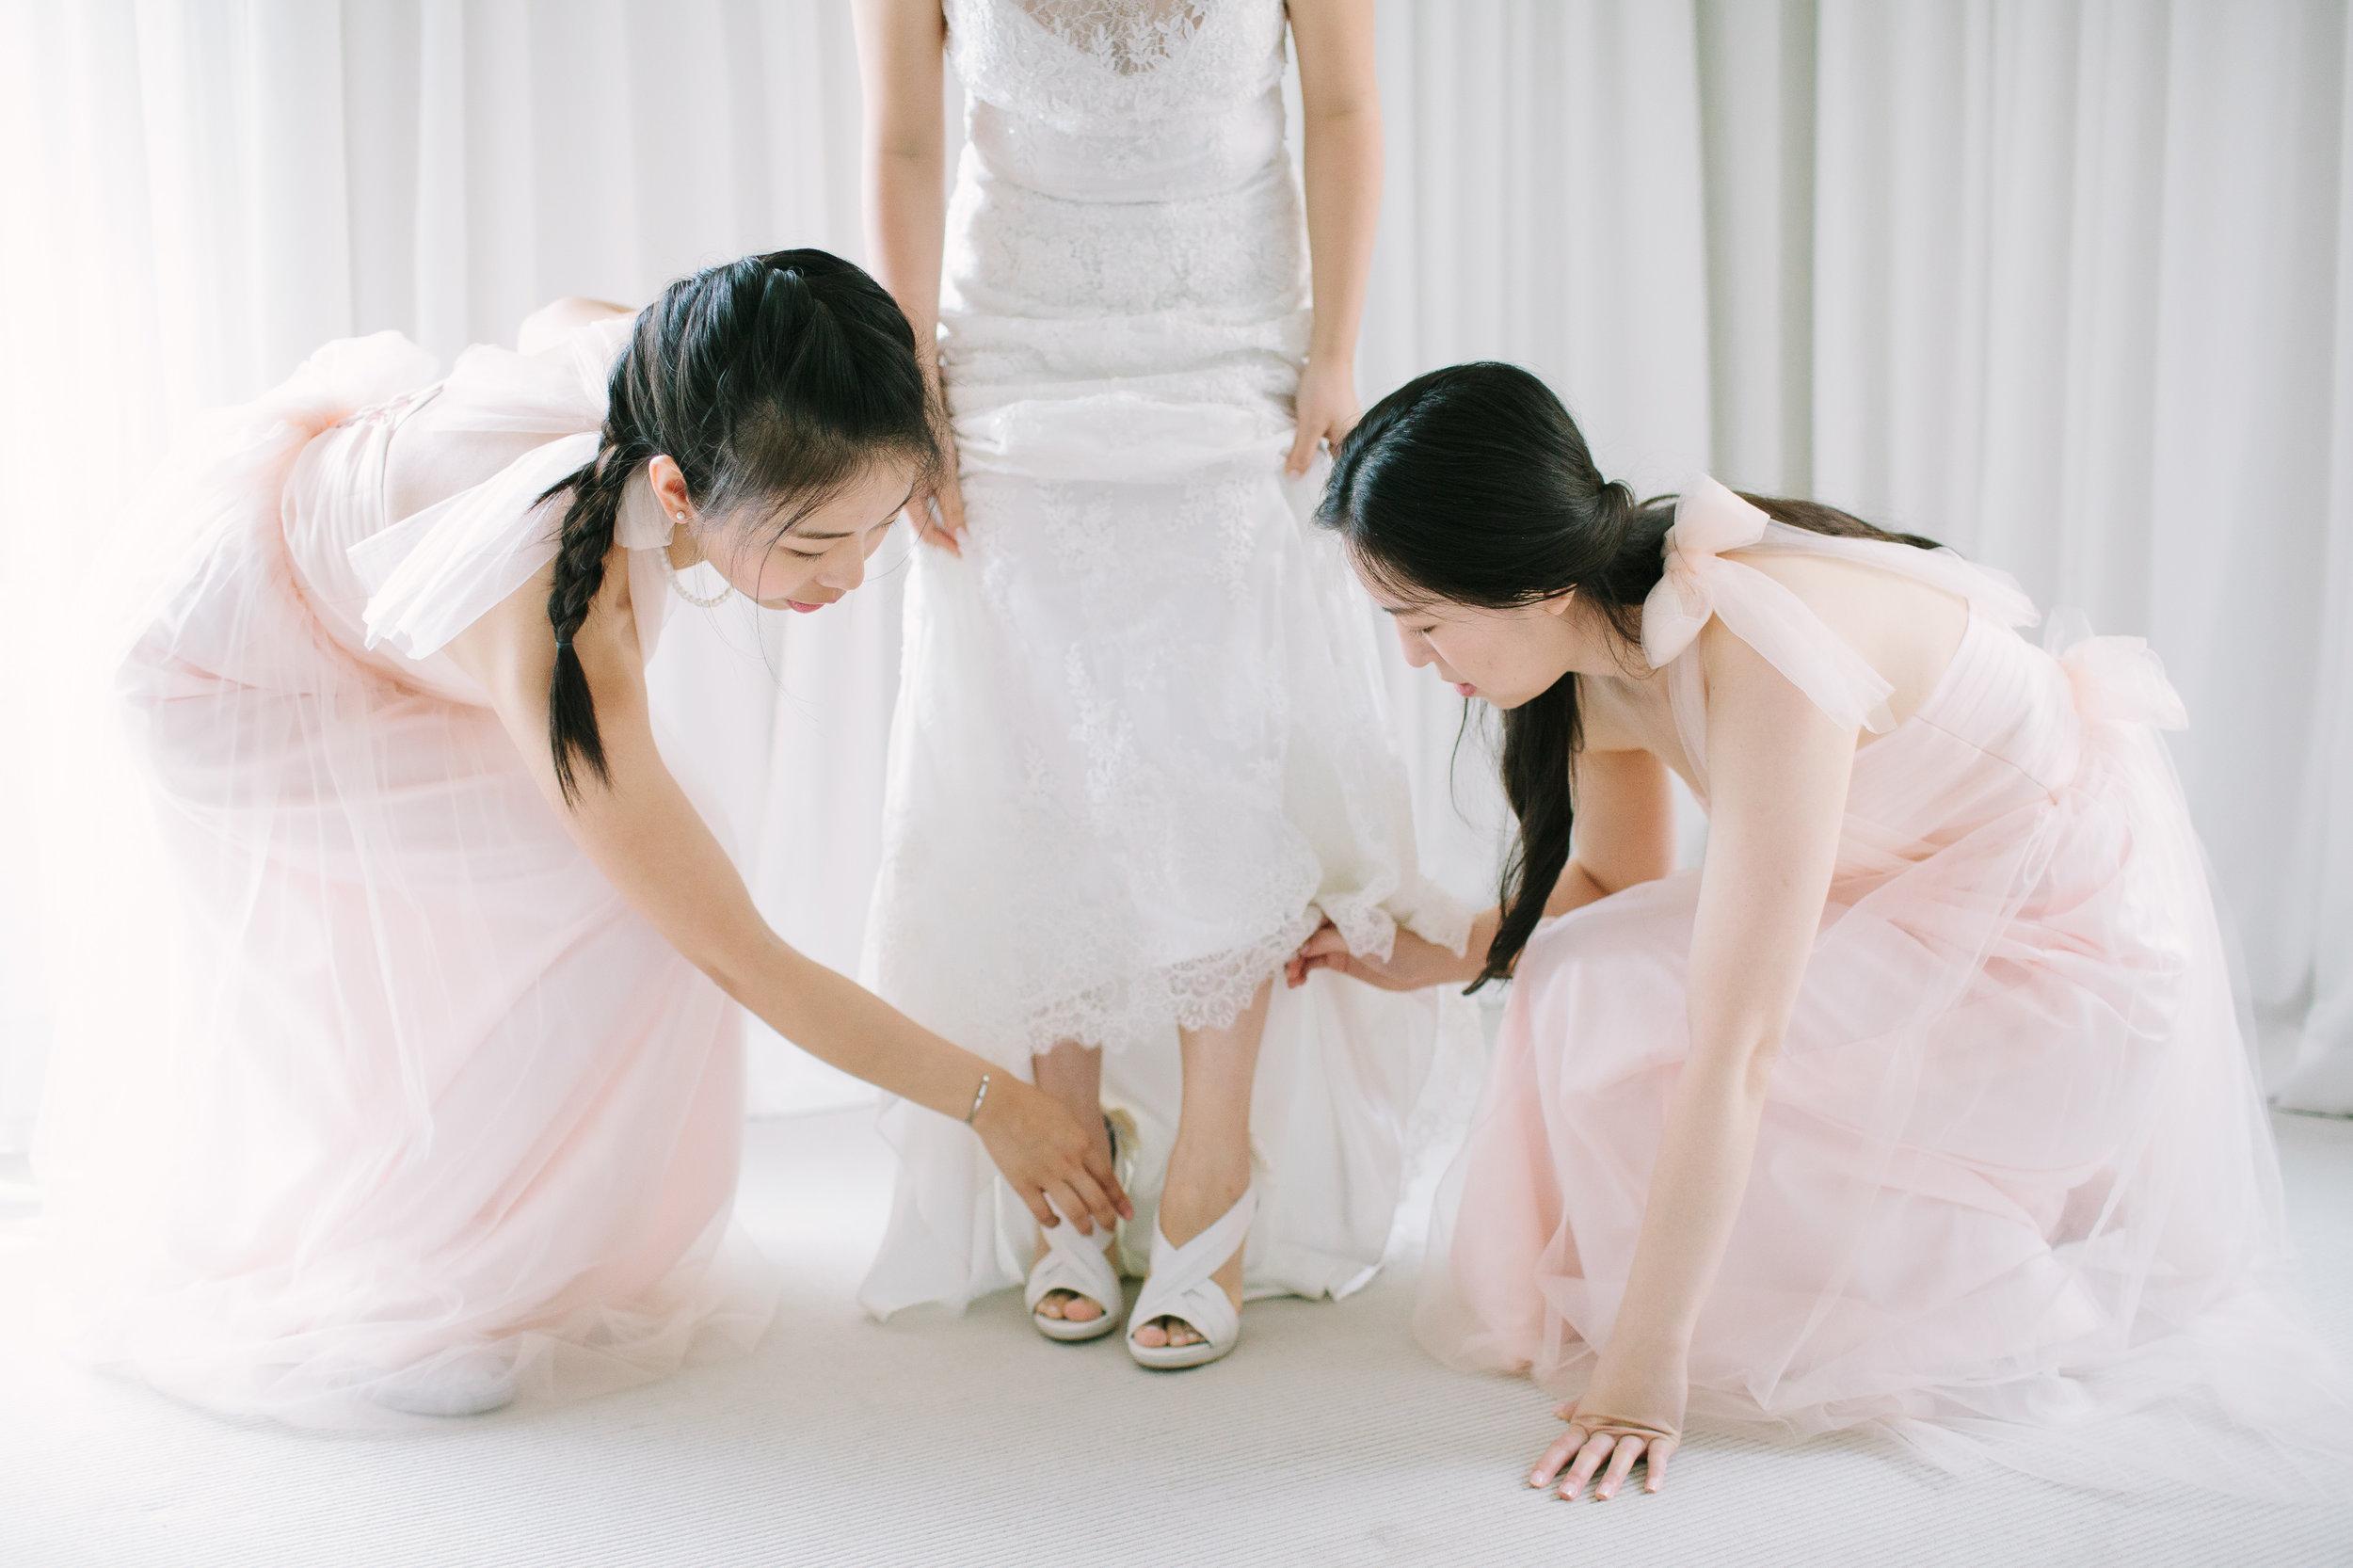 Nicodem Creative-Wang Wedding-Public Hotel Chicago-6.jpg